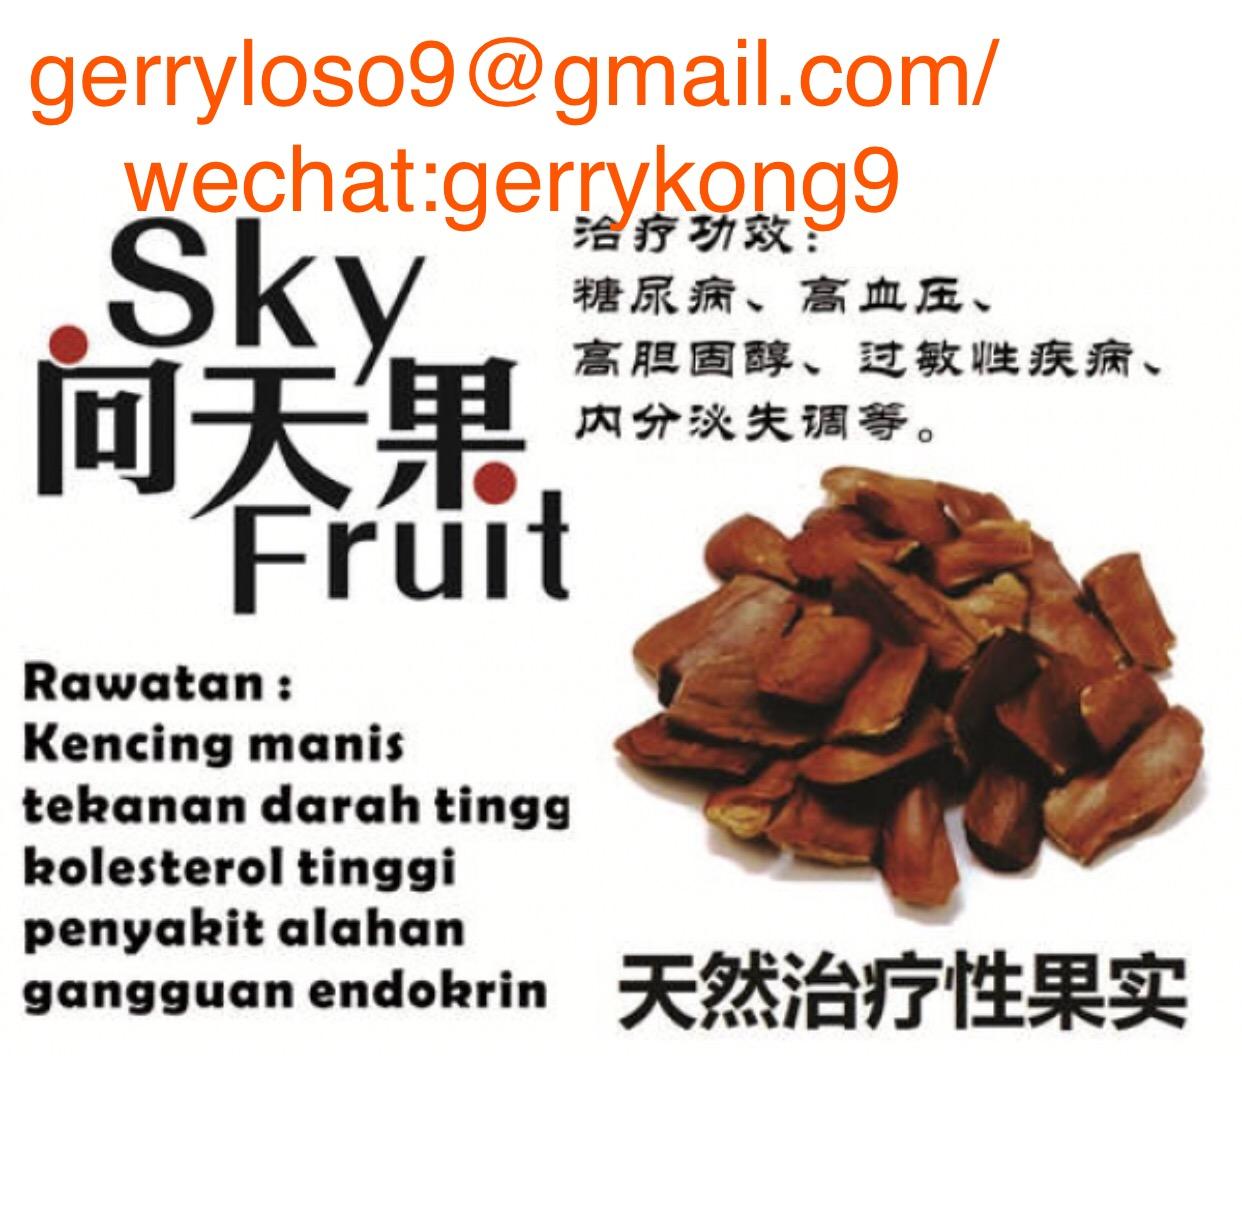 向天果/Sky Fruit,Mahogany Fruit/Buah Tunjuk Langit,Buah Mahogani